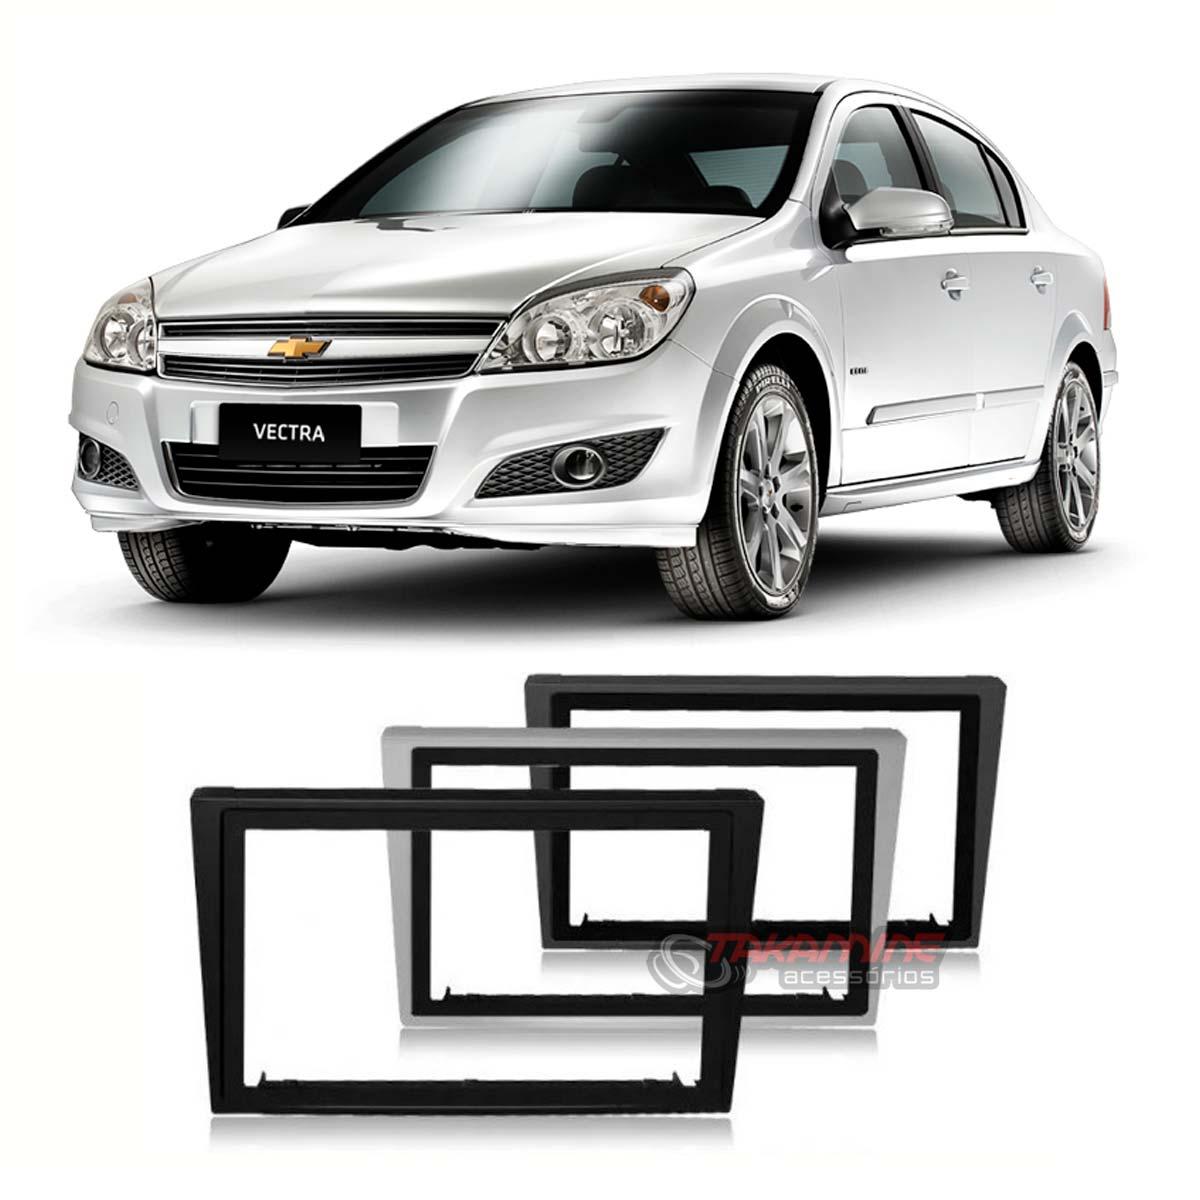 Moldura 2 Din Vectra 2005 até 2011 prata, preta ou cinza c/suporte padrão chinês / japonês